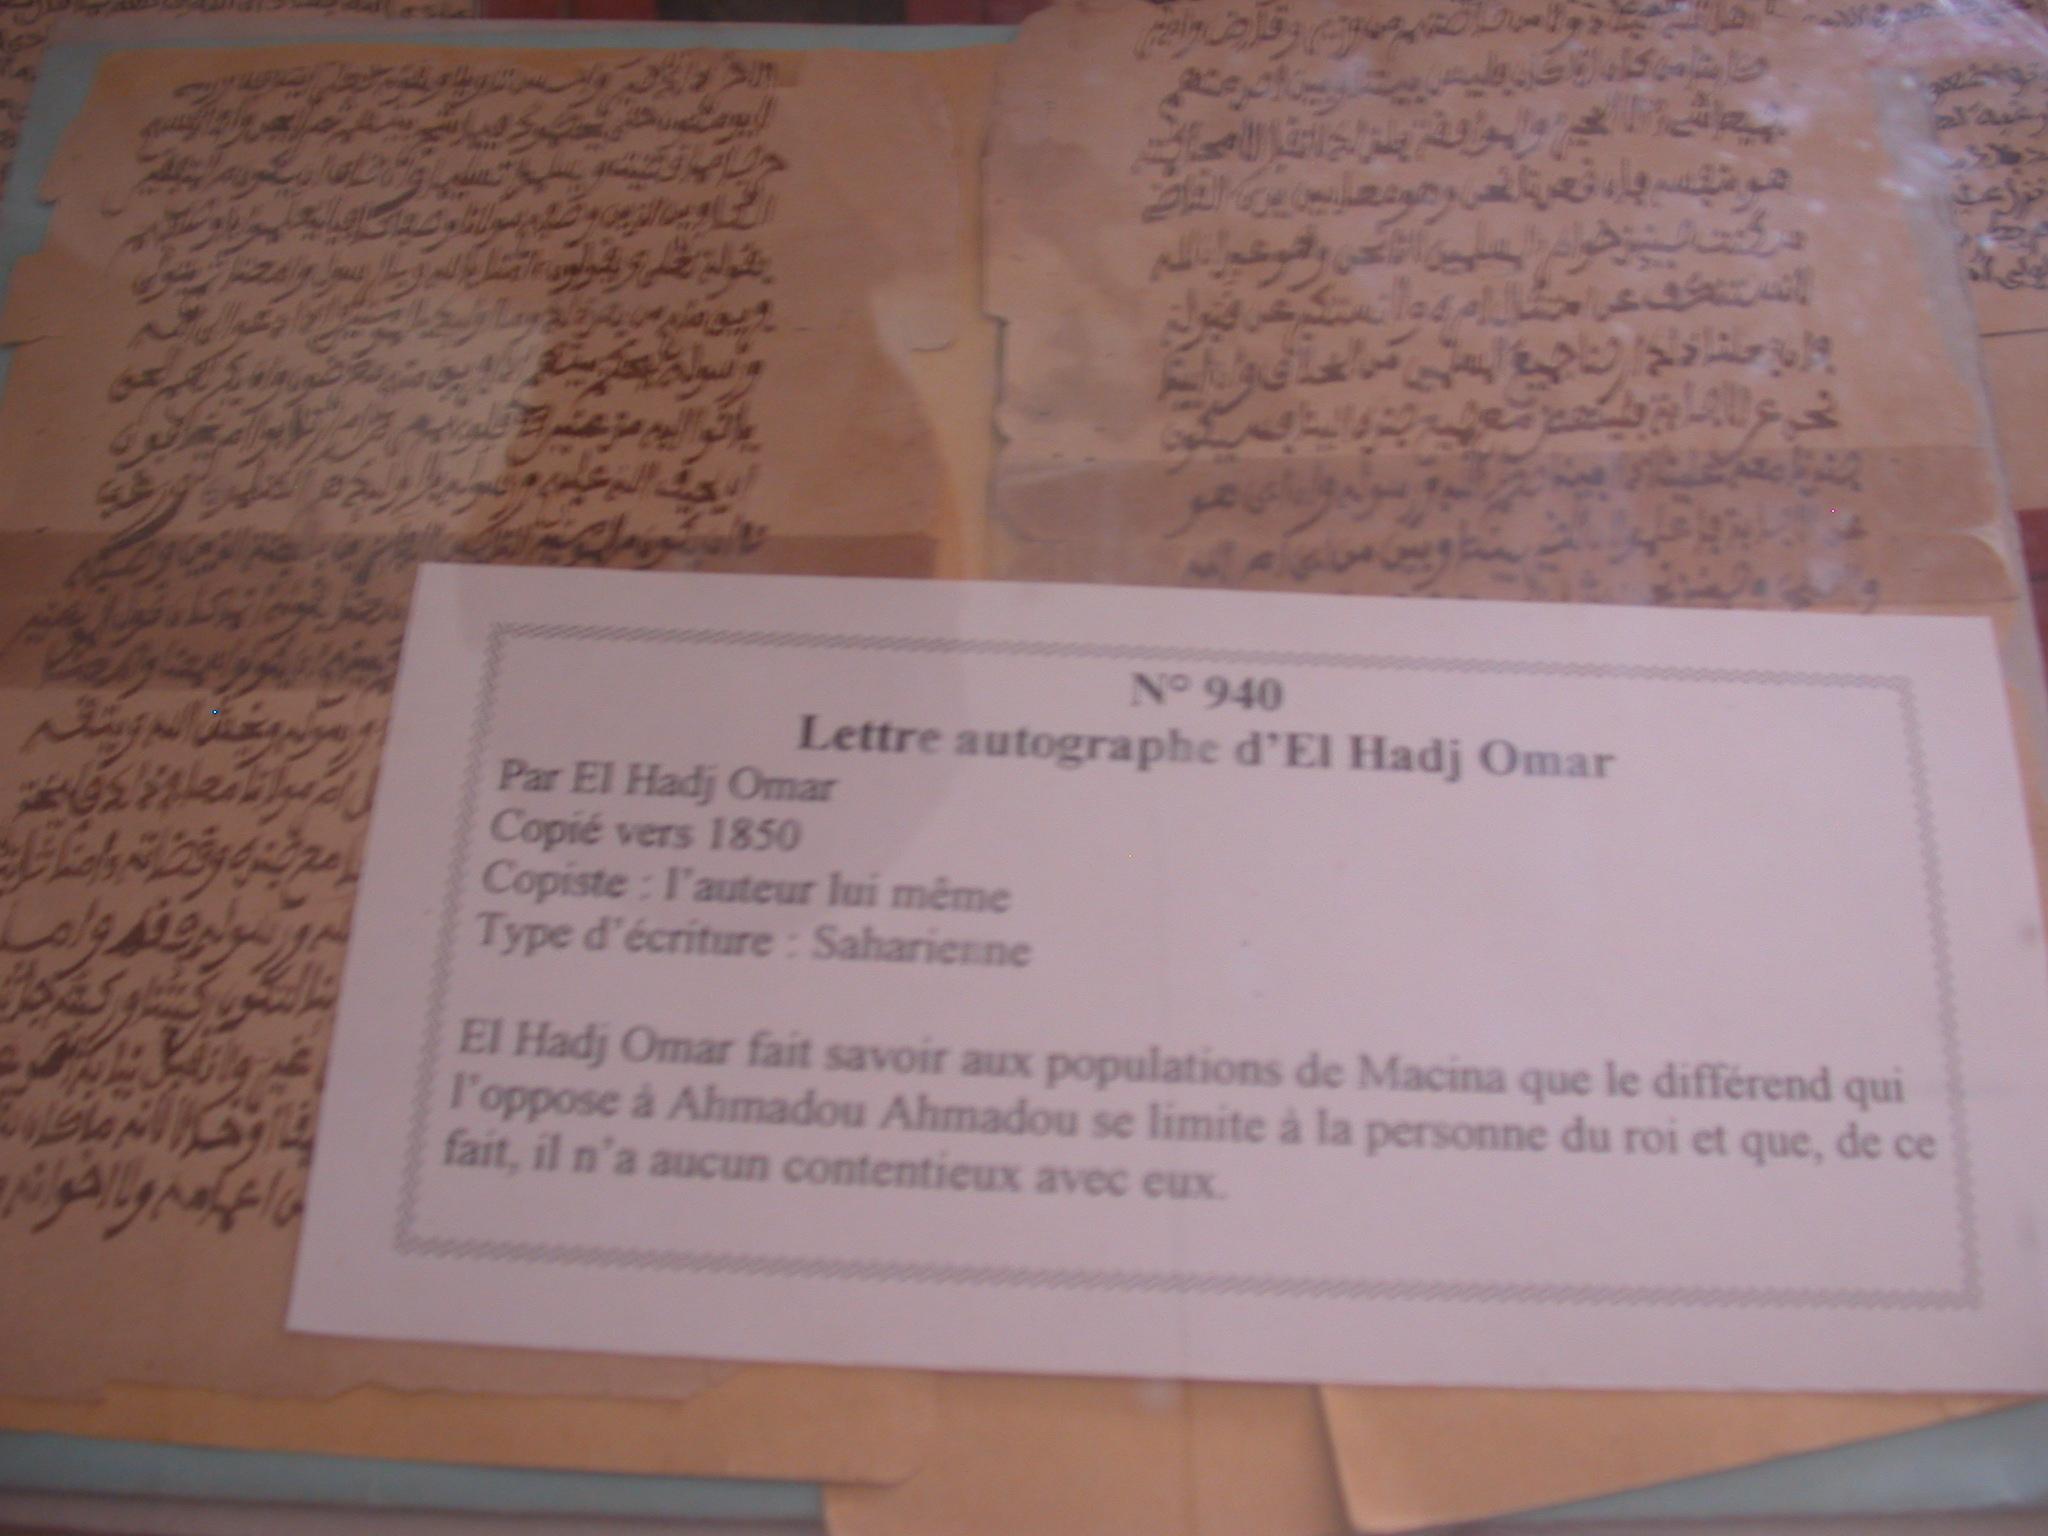 Manuscript, Letter From El Hadj Omar, Copied Around 1850, Ahmed Baba Institute, Institut des Hautes Etudes et de Recherches Islamiques, Timbuktu, Mali